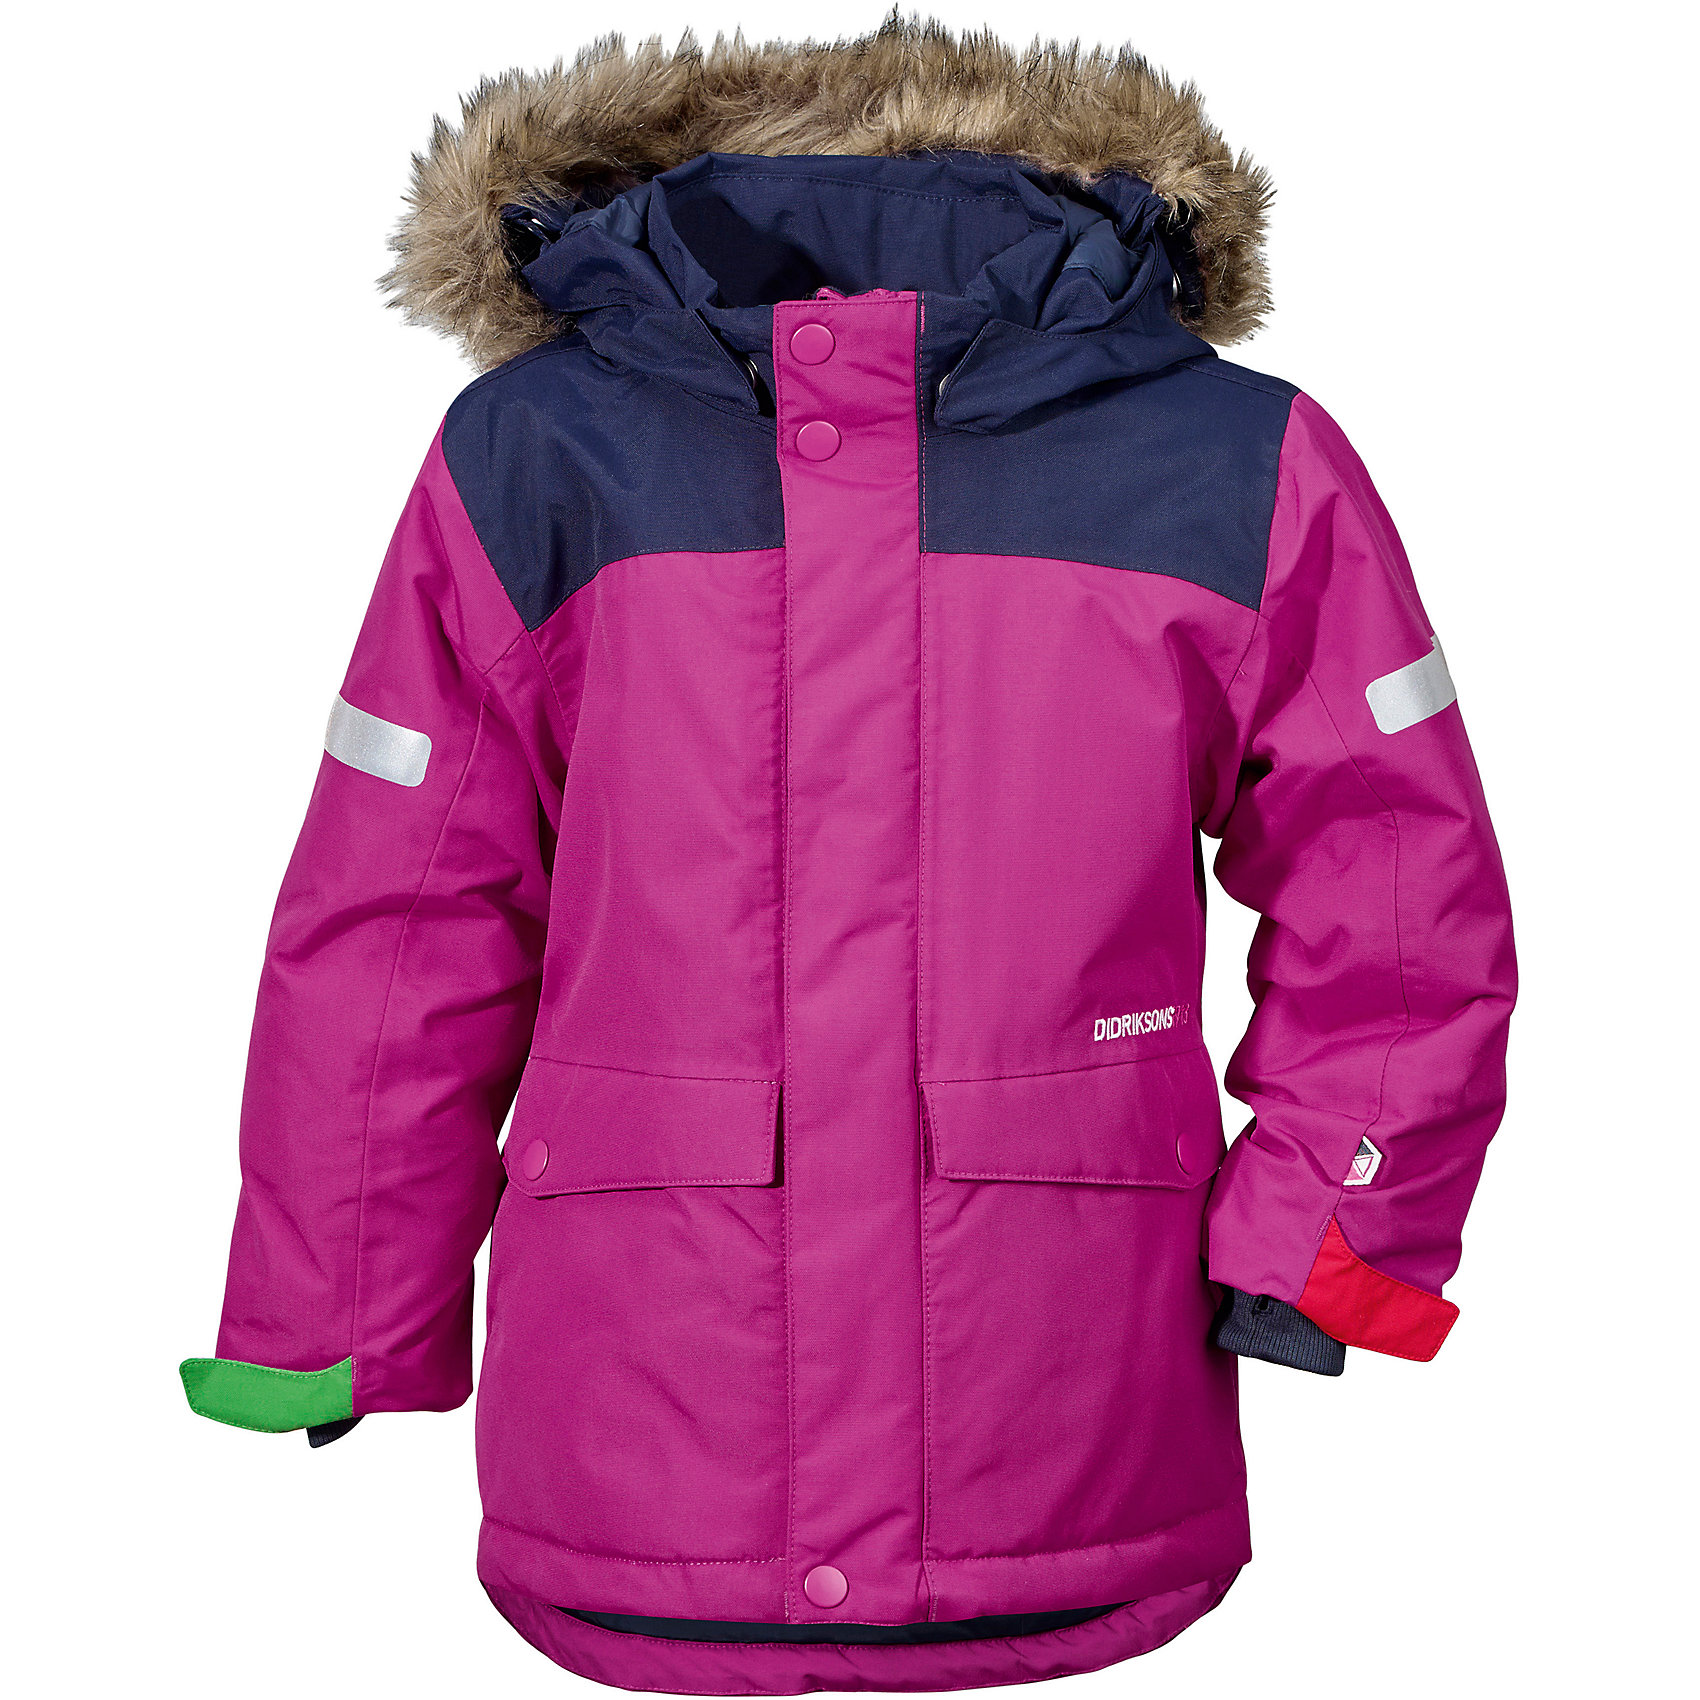 Куртка STORLIEN  DIDRIKSONS для девочкиВерхняя одежда<br>Характеристики товара:<br><br>• цвет: сиреневый<br>• состав ткани: 100% полиэстер<br>• подкладка: 100% полиэстер<br>• утеплитель: 100% полиэстер<br>• сезон: зима<br>• мембранное покрытие<br>• температурный режим: от -20 до 0<br>• водонепроницаемость: 10000 мм <br>• паропроницаемость: 4000 г/м2<br>• плотность утеплителя: 180 г/м2<br>• швы проклеены<br>• съемный капюшон<br>• съемный искусственный мех на капюшоне<br>• регулируемый капюшон, талия и рукава<br>• внутренние эластичные манжеты с отверстием для большого пальца<br>• крепления для перчаток<br>• светоотражающие детали<br>• застежка: молния, кнопки<br>• штрипки<br>• конструкция позволяет увеличить длину рукава на один размер<br>• страна бренда: Швеция<br>• страна изготовитель: Китай<br><br>Эта мембранная куртка для ребенка отличается продуманным дизайном. Плотный непромокаемый и непродуваемый верх детской куртки не мешает телу дышать. Модная куртка для ребенка Didriksons рассчитана даже на сильные морозы. Детская куртка от известного шведского бренда теплая и легкая. <br><br>Куртку для девочки Storlien Didriksons (Дидриксонс) можно купить в нашем интернет-магазине.<br><br>Ширина мм: 356<br>Глубина мм: 10<br>Высота мм: 245<br>Вес г: 519<br>Цвет: фиолетовый<br>Возраст от месяцев: 12<br>Возраст до месяцев: 15<br>Пол: Женский<br>Возраст: Детский<br>Размер: 80,130,120,110,100,90<br>SKU: 7045437